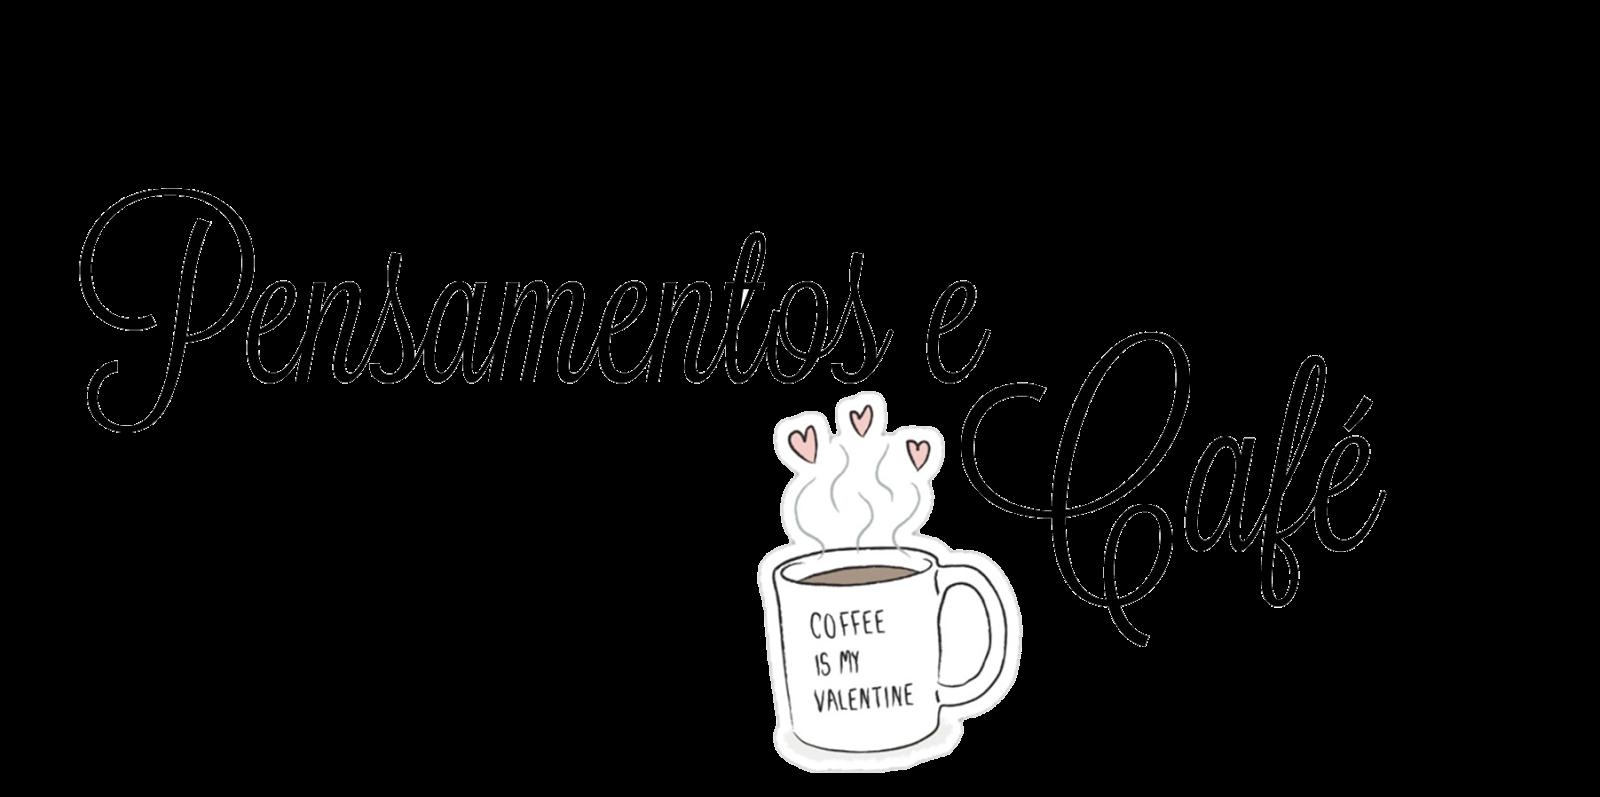 Pensamentos e café